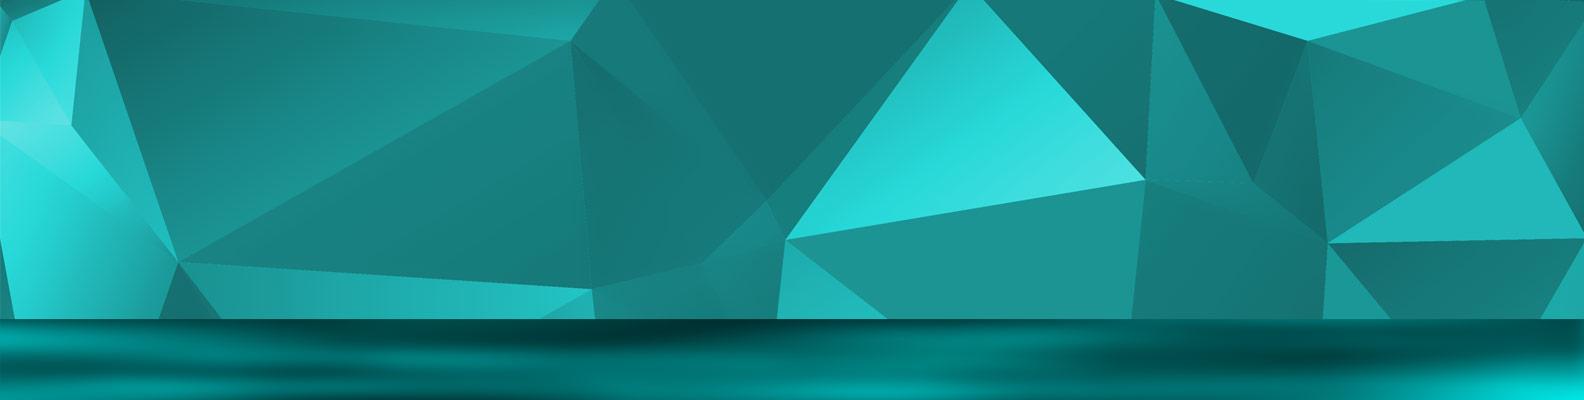 slajd-geometryczne-bg